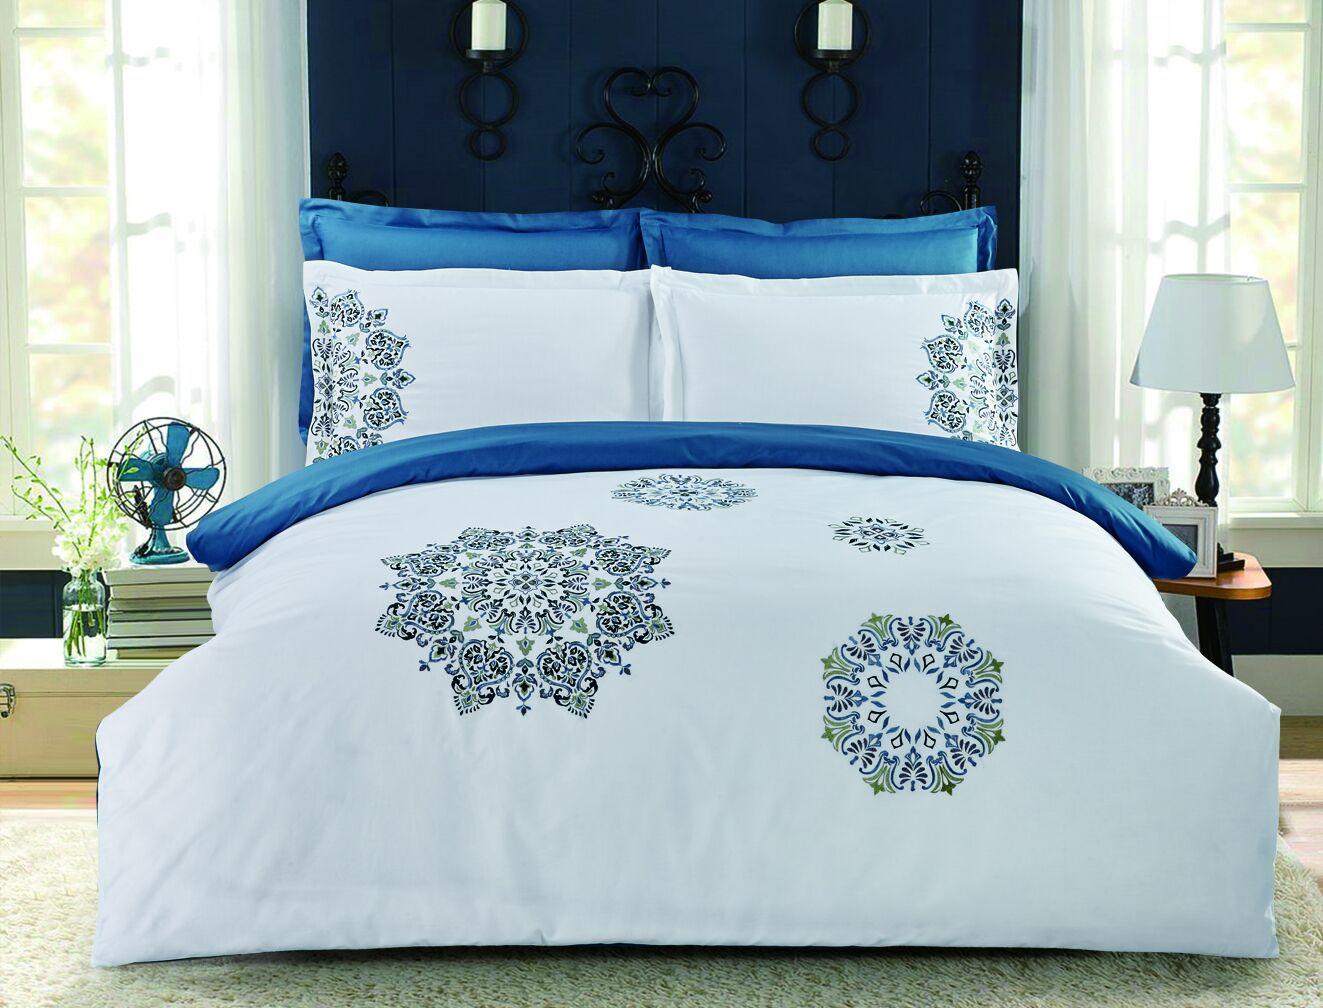 Купить Комплект постельного белья Home line Евро сатин Восток